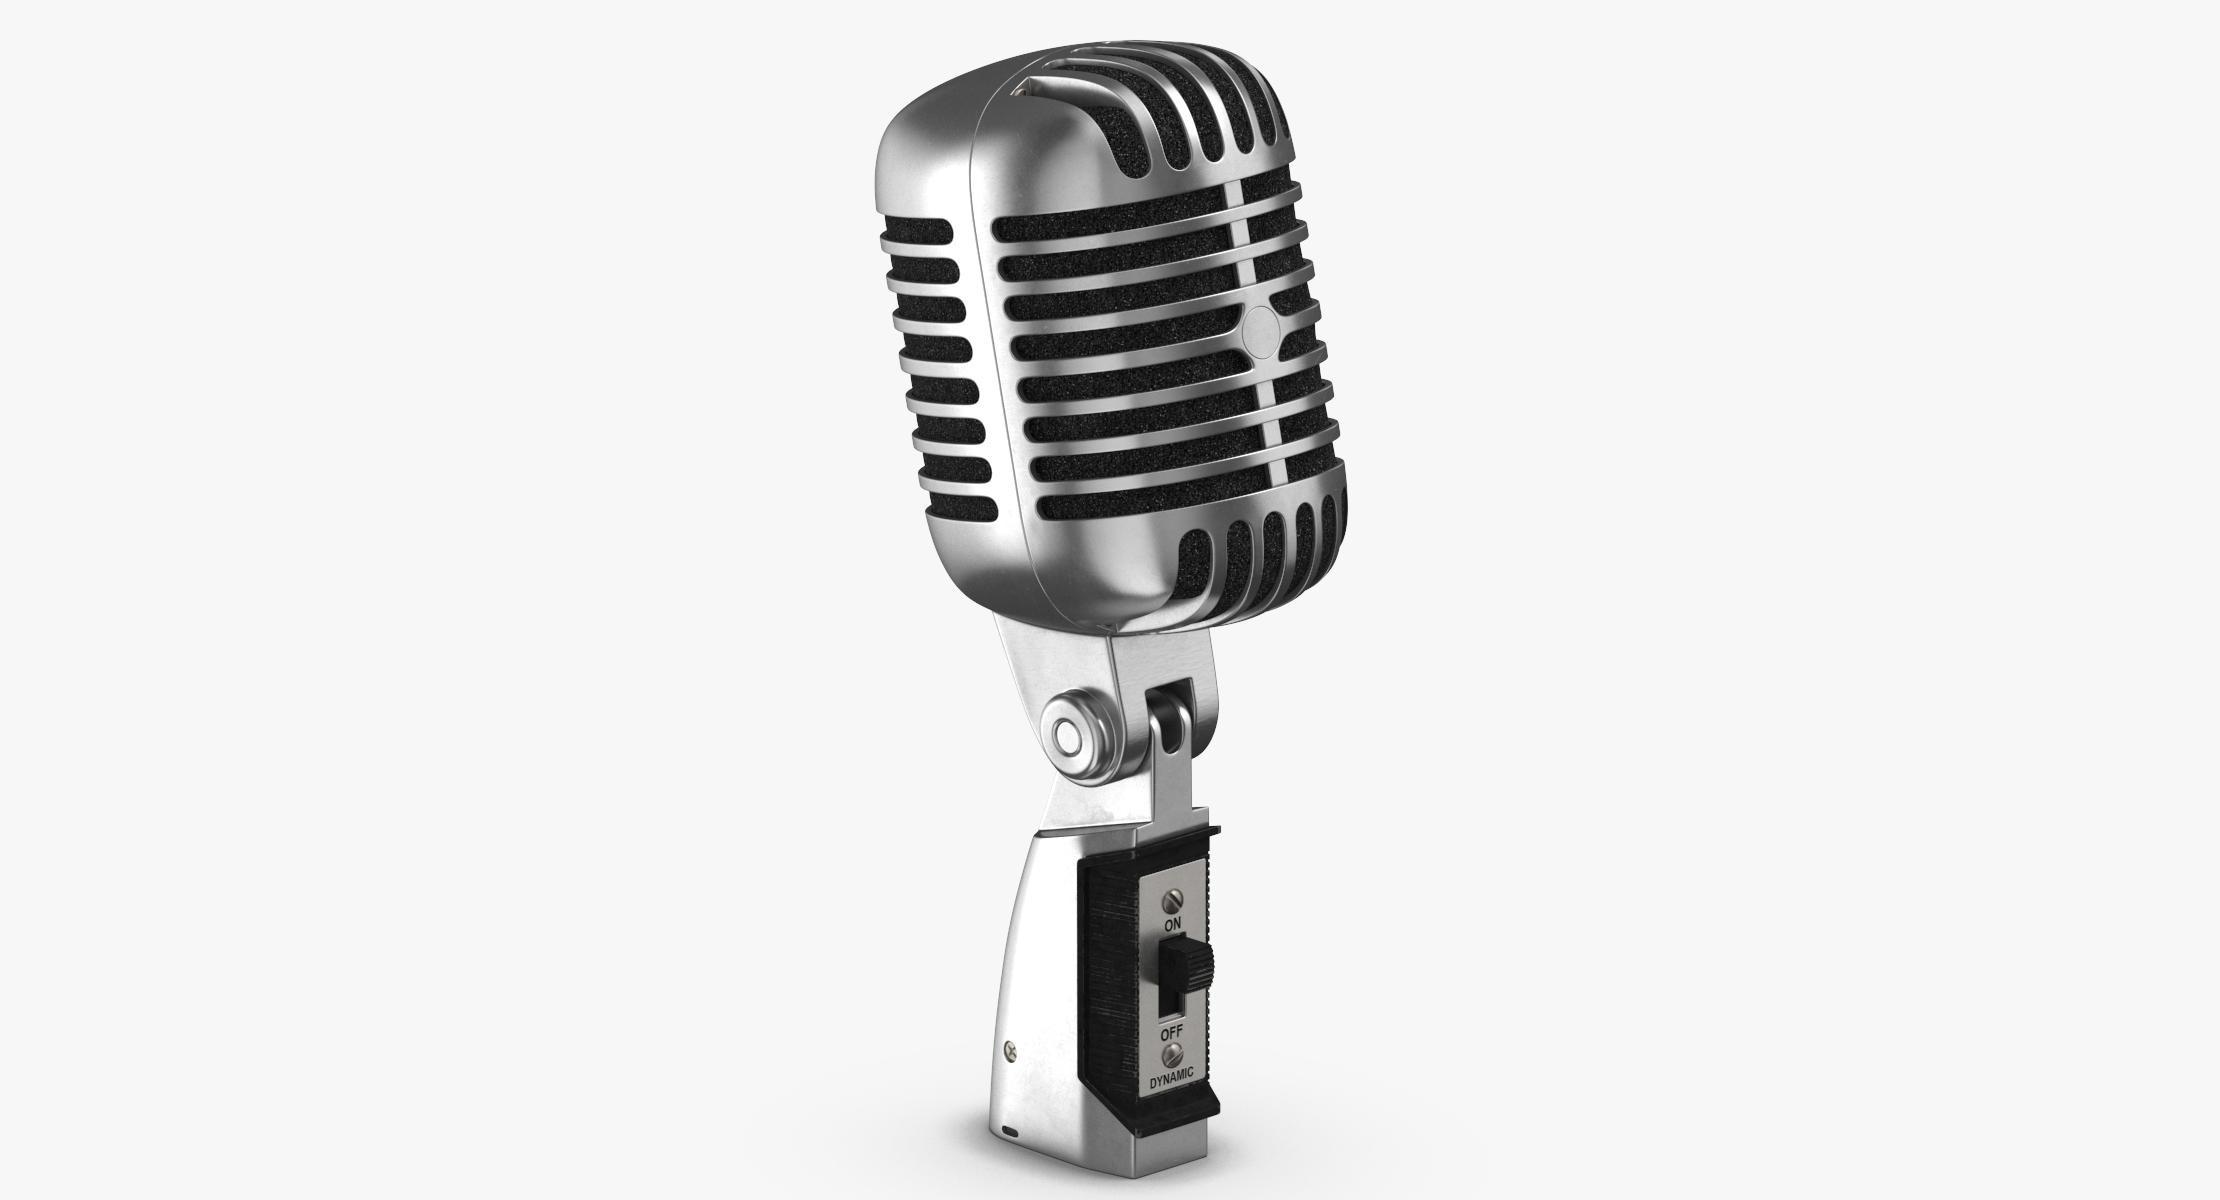 Microphone 02 - reel 1